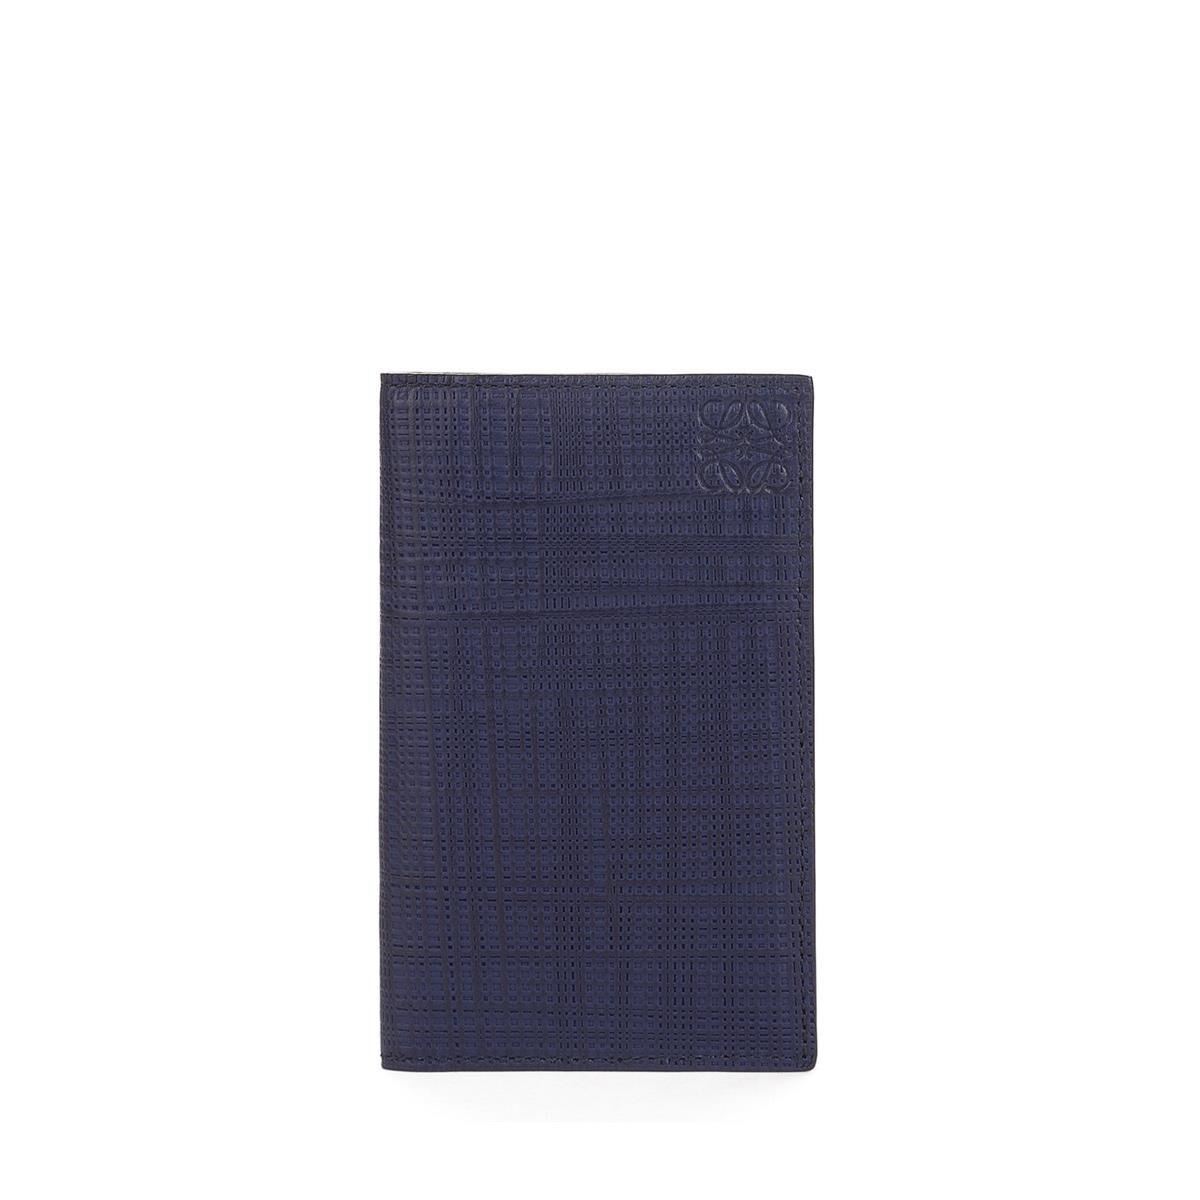 LOEWE Compact Wallet 海军蓝 all